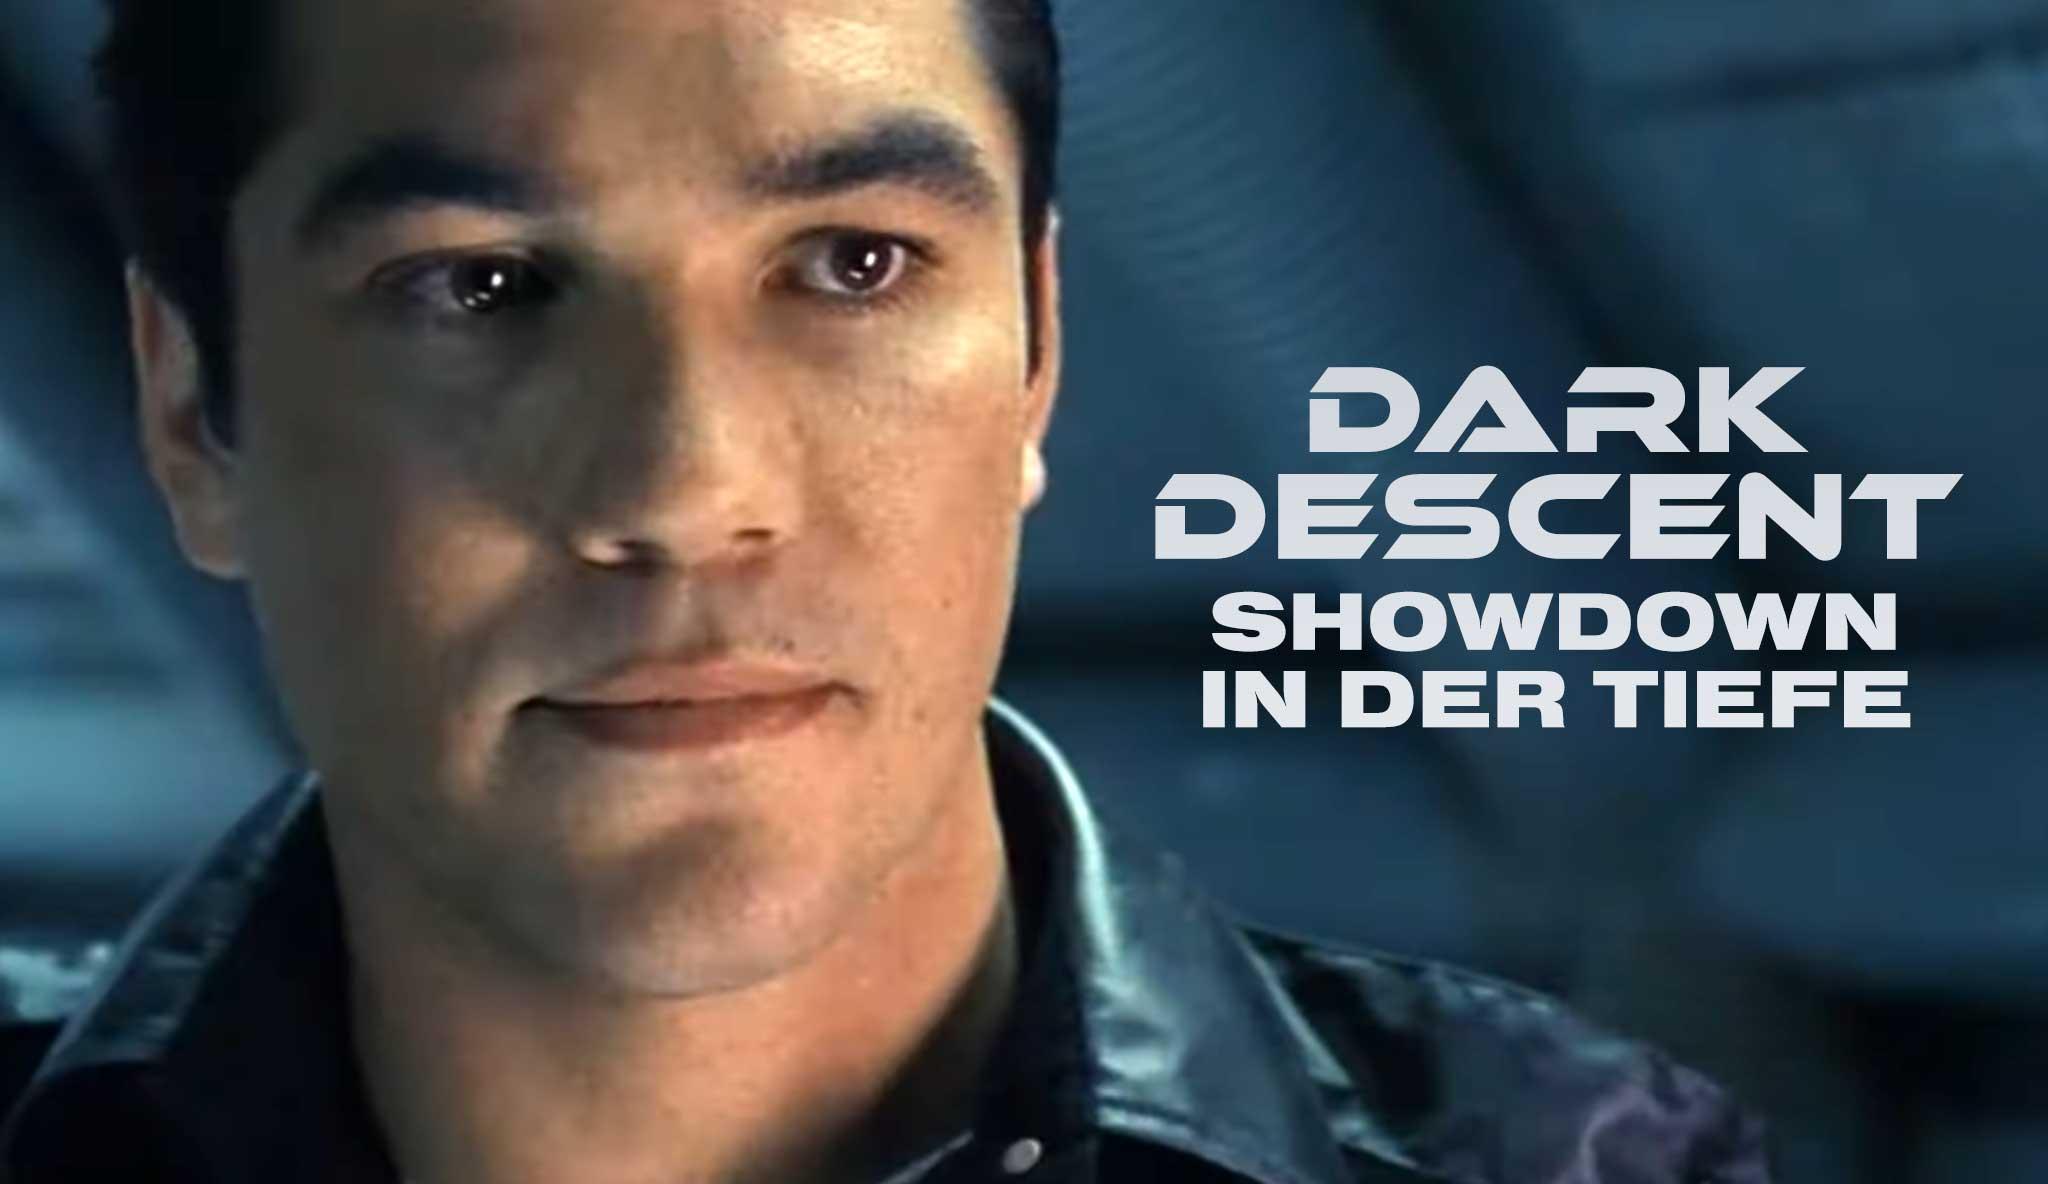 dark-descent-showdown-in-der-tiefe\header.jpg